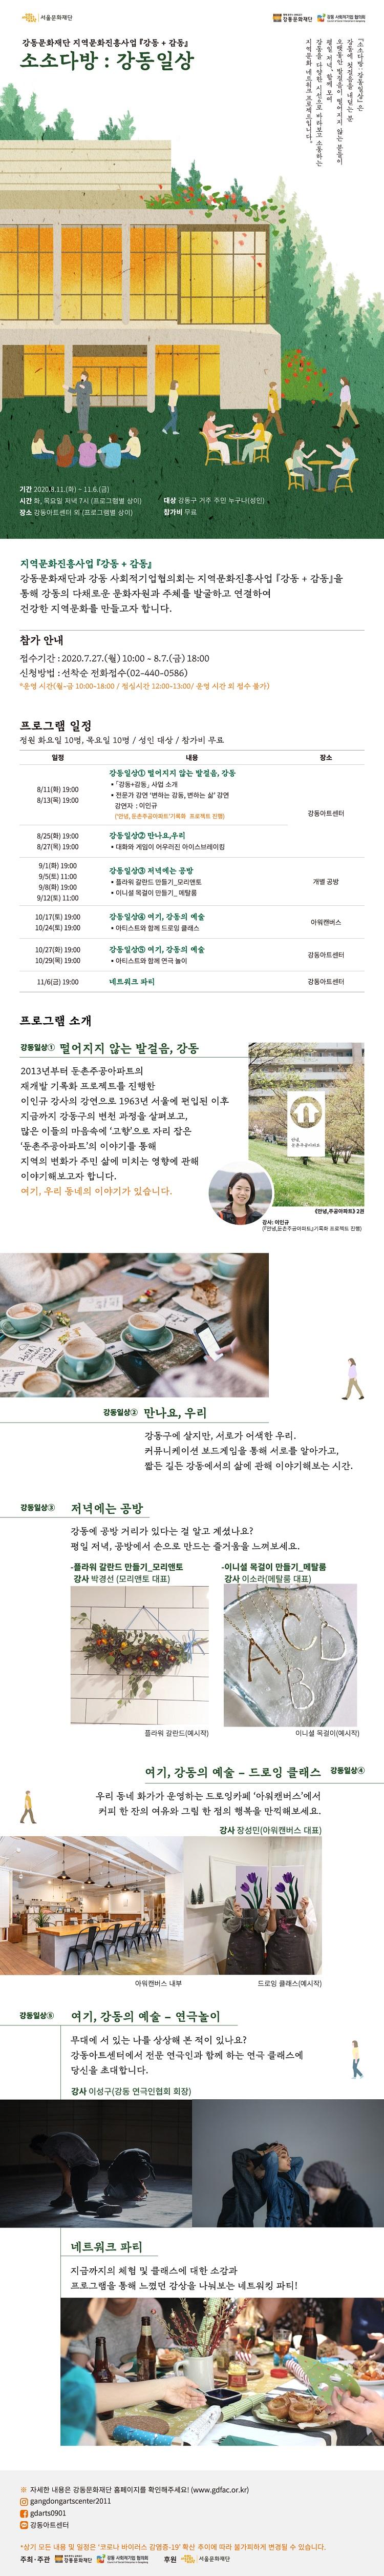 강동문화재단 지역문화진흥사업 소소다방 : 강동일상 참가자 모집